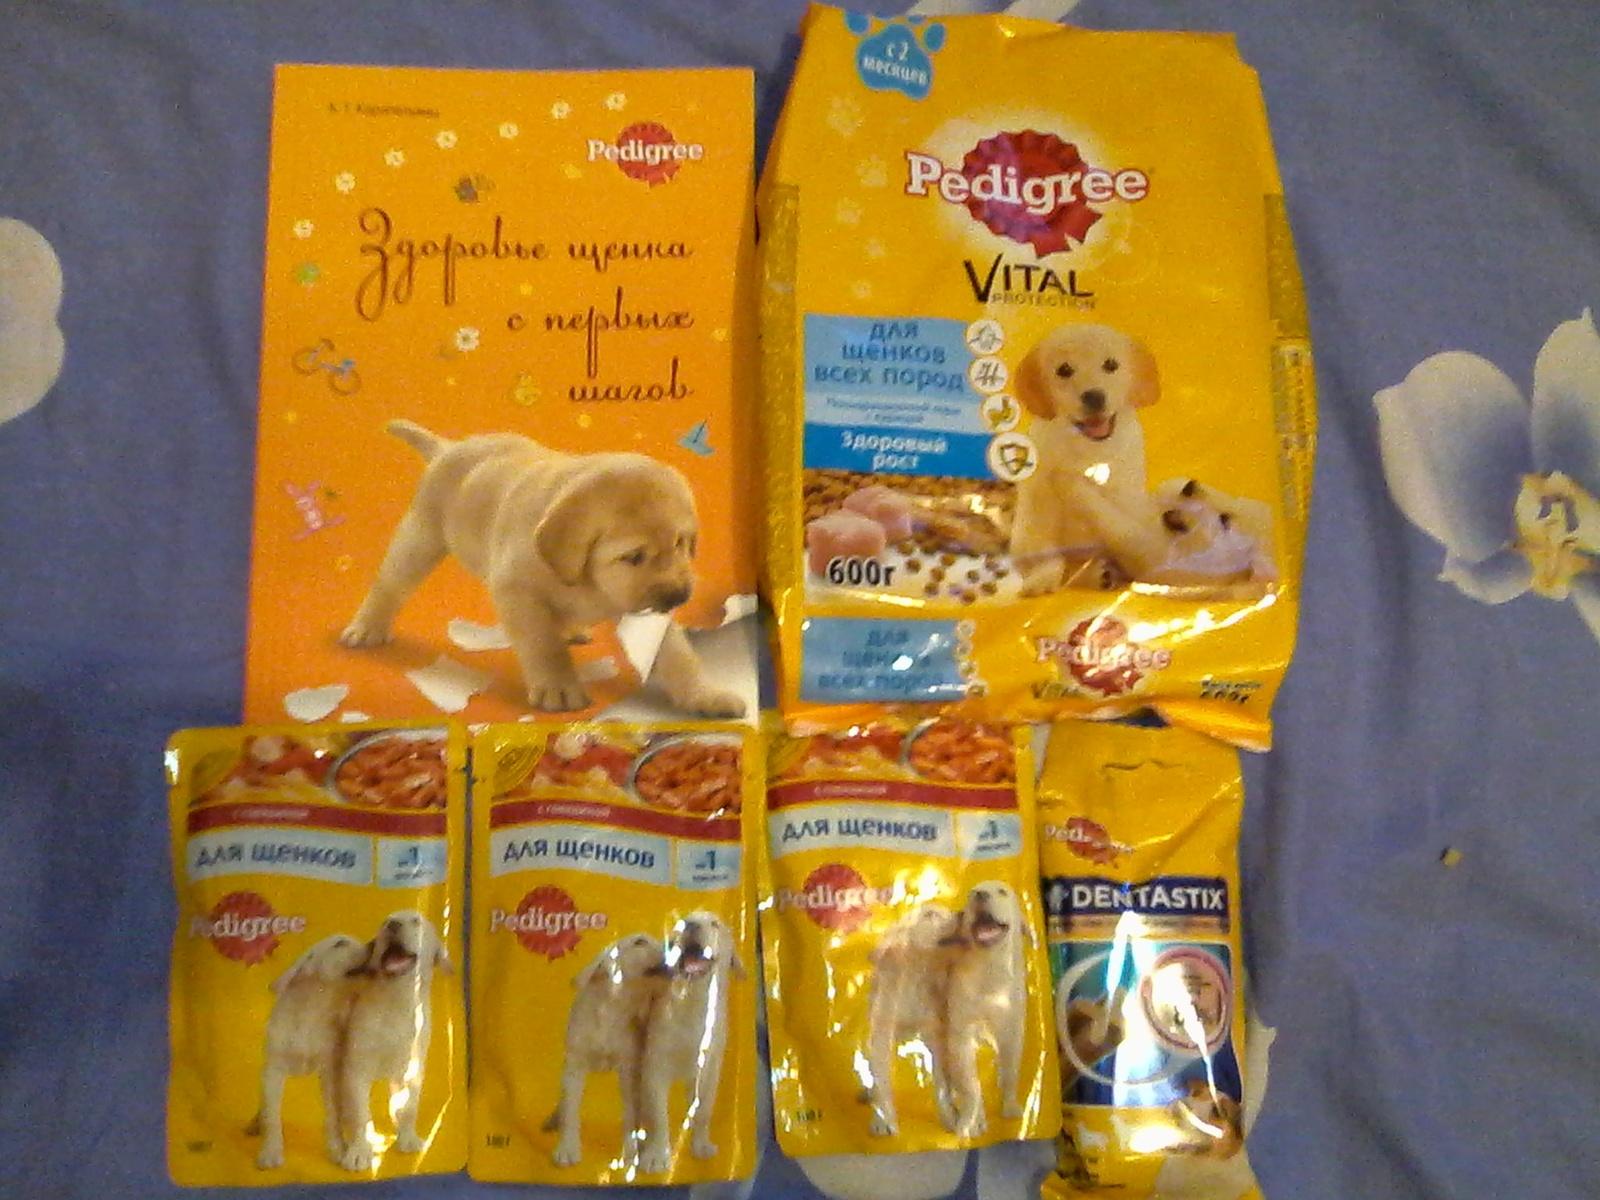 Подарок для щенка от Pedigree бесплатный корм по почте